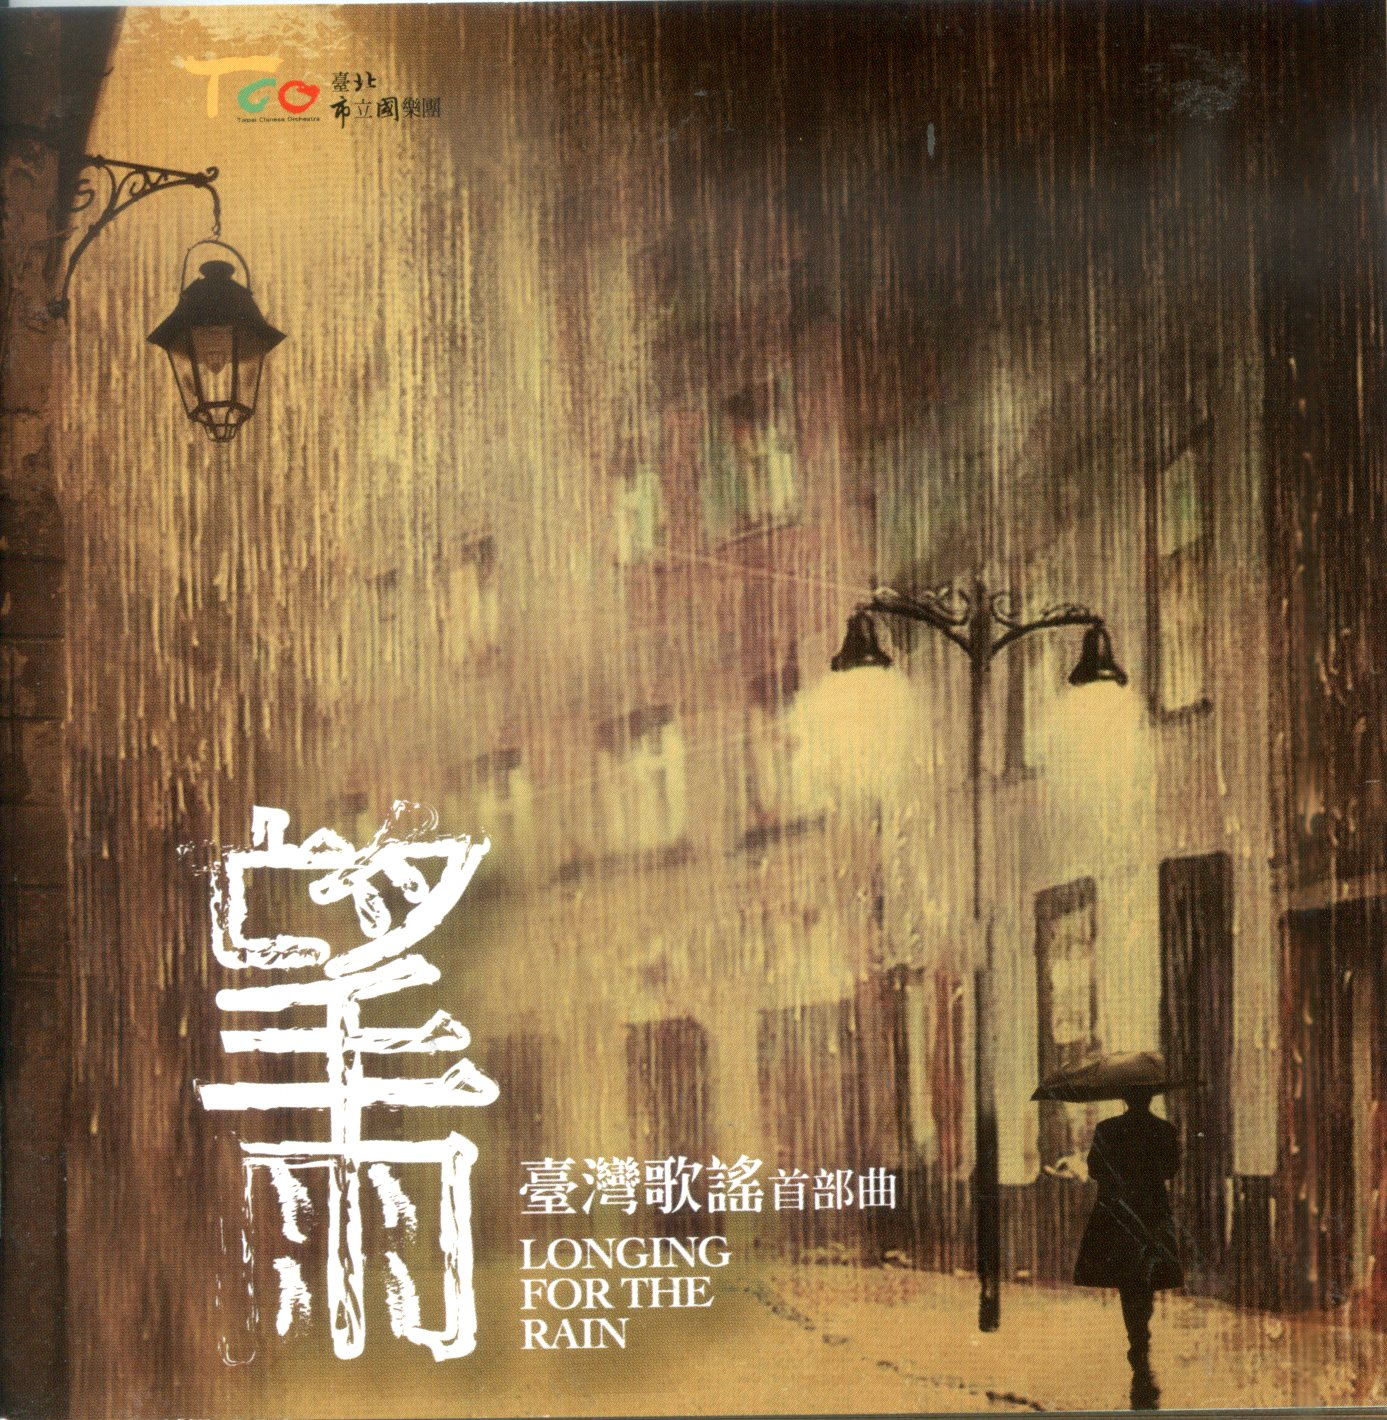 望雨 臺灣歌謠首部曲 = Longing for the rain /